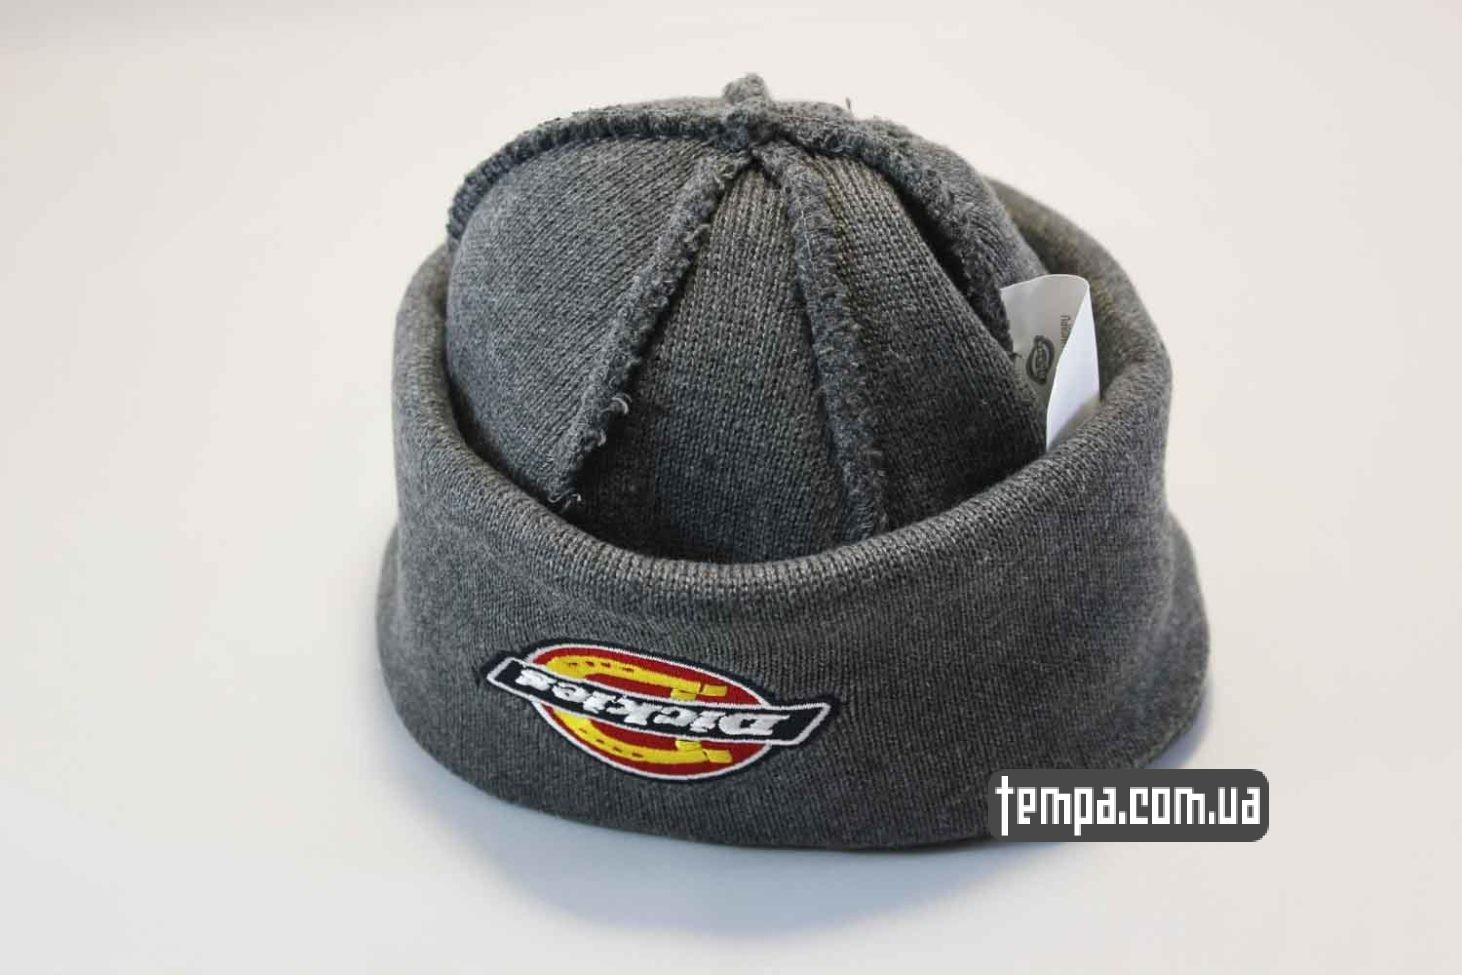 магазин одежды dickies шапка beanie Dickies grey серая купить Украина